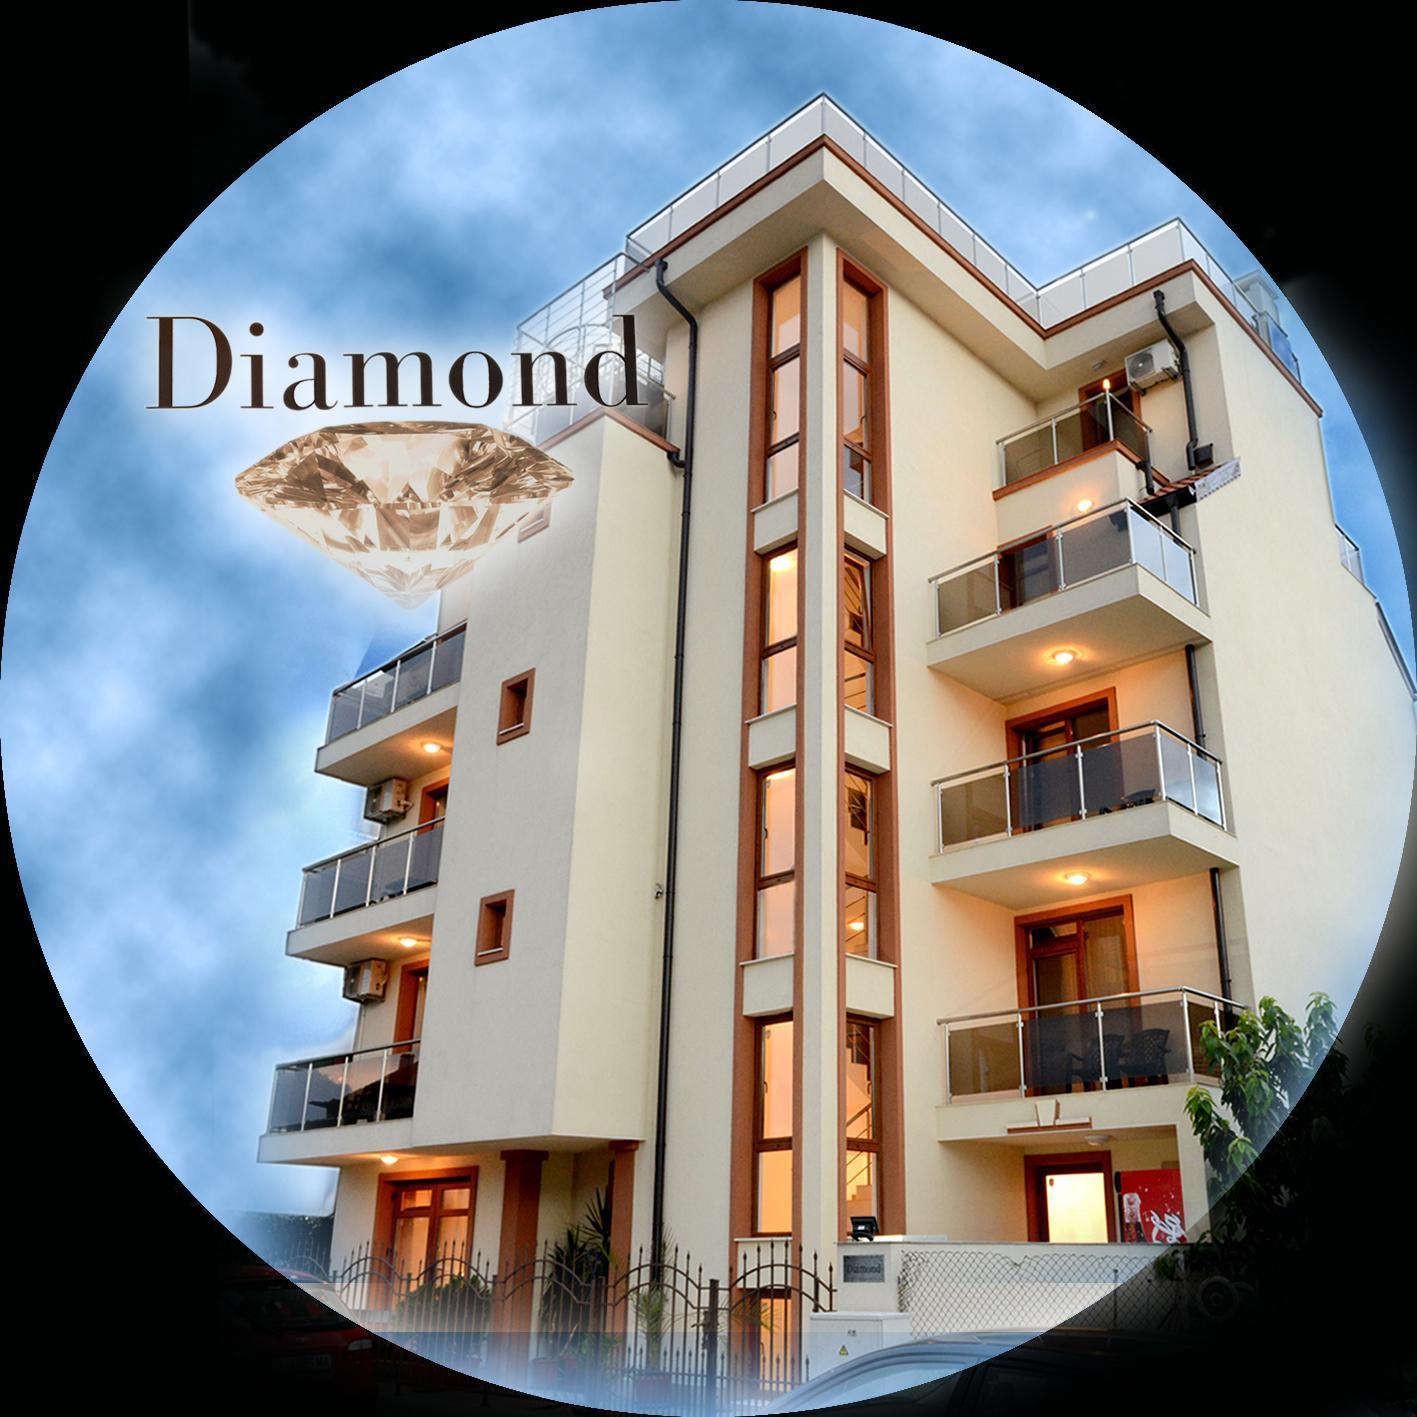 DIAMOND KITEN